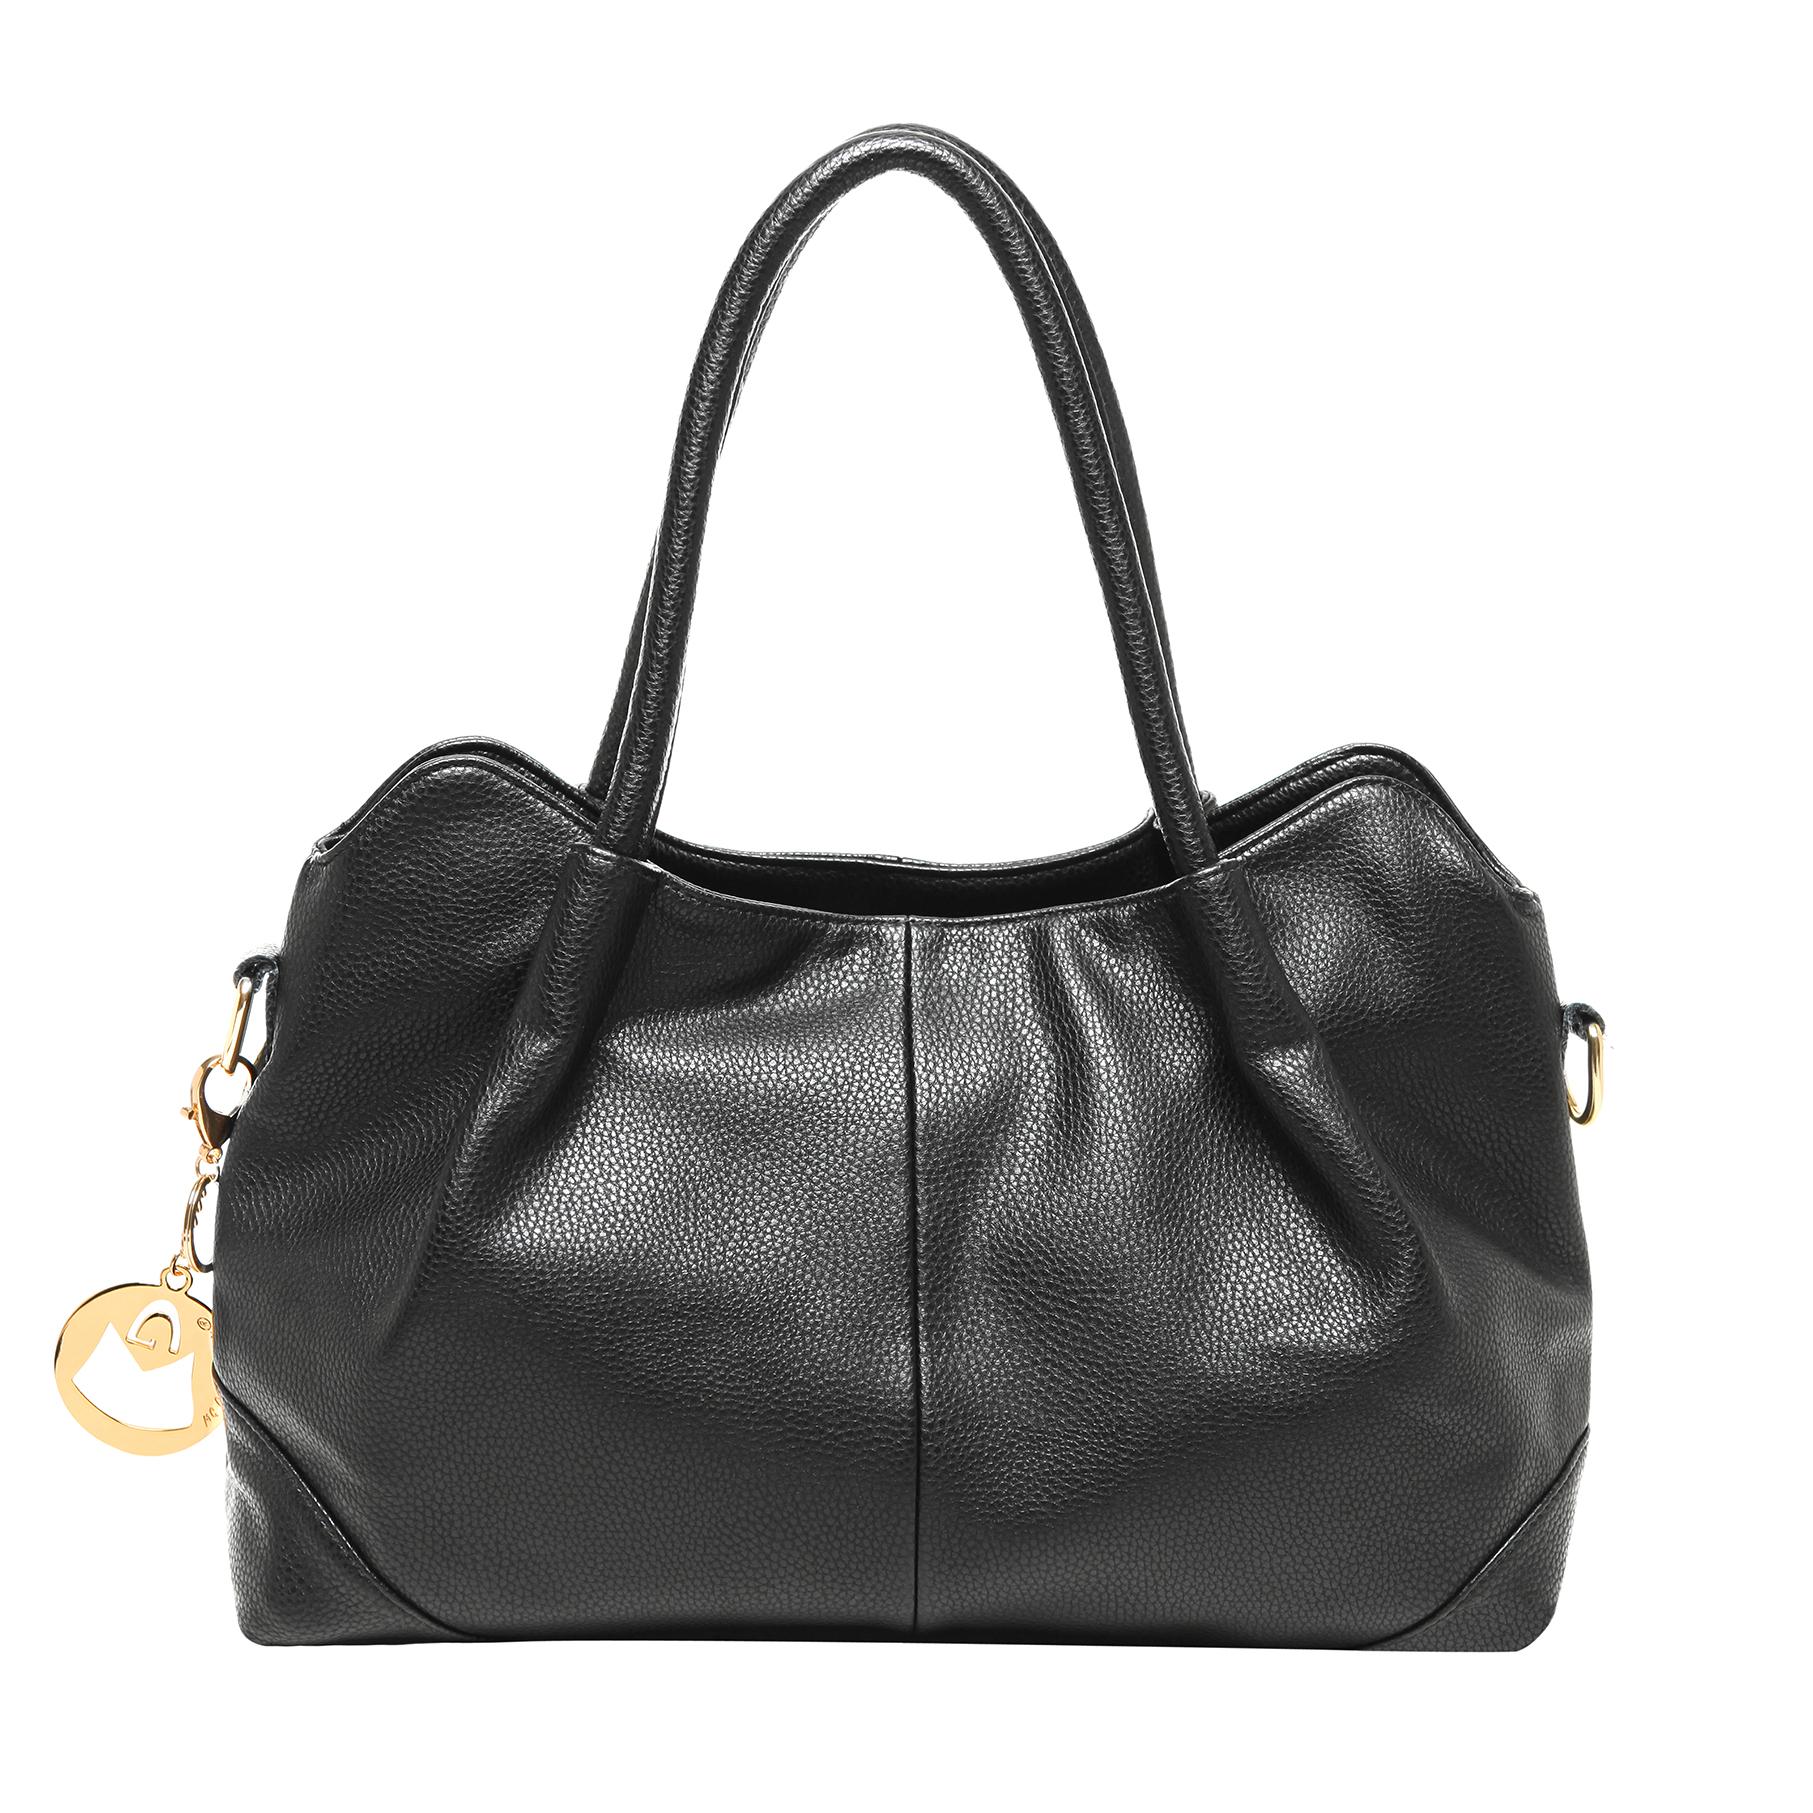 ASSA Black Classic Top Handle Shoulder Bag Handbag front